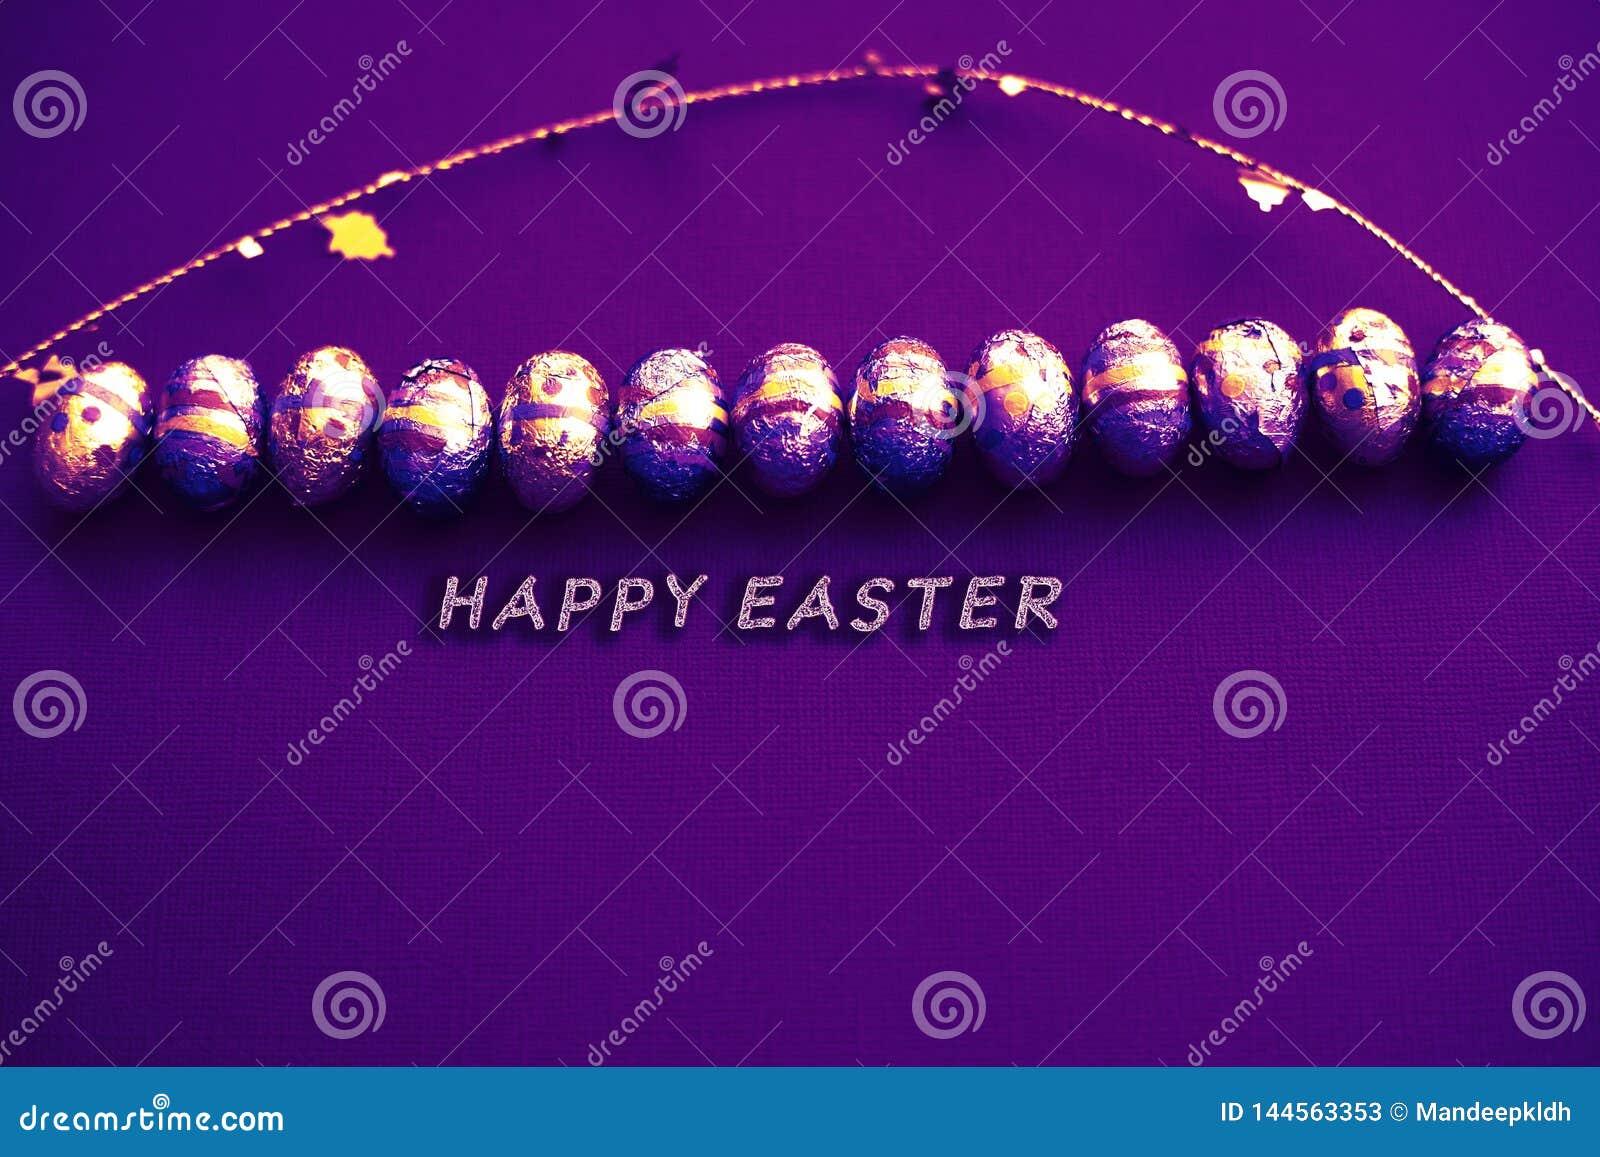 Dostępny karciany Easter eps kartoteki powitanie Wielkanocnych jajek karta z złotymi confetti na powierzchni Świąteczna elegancka